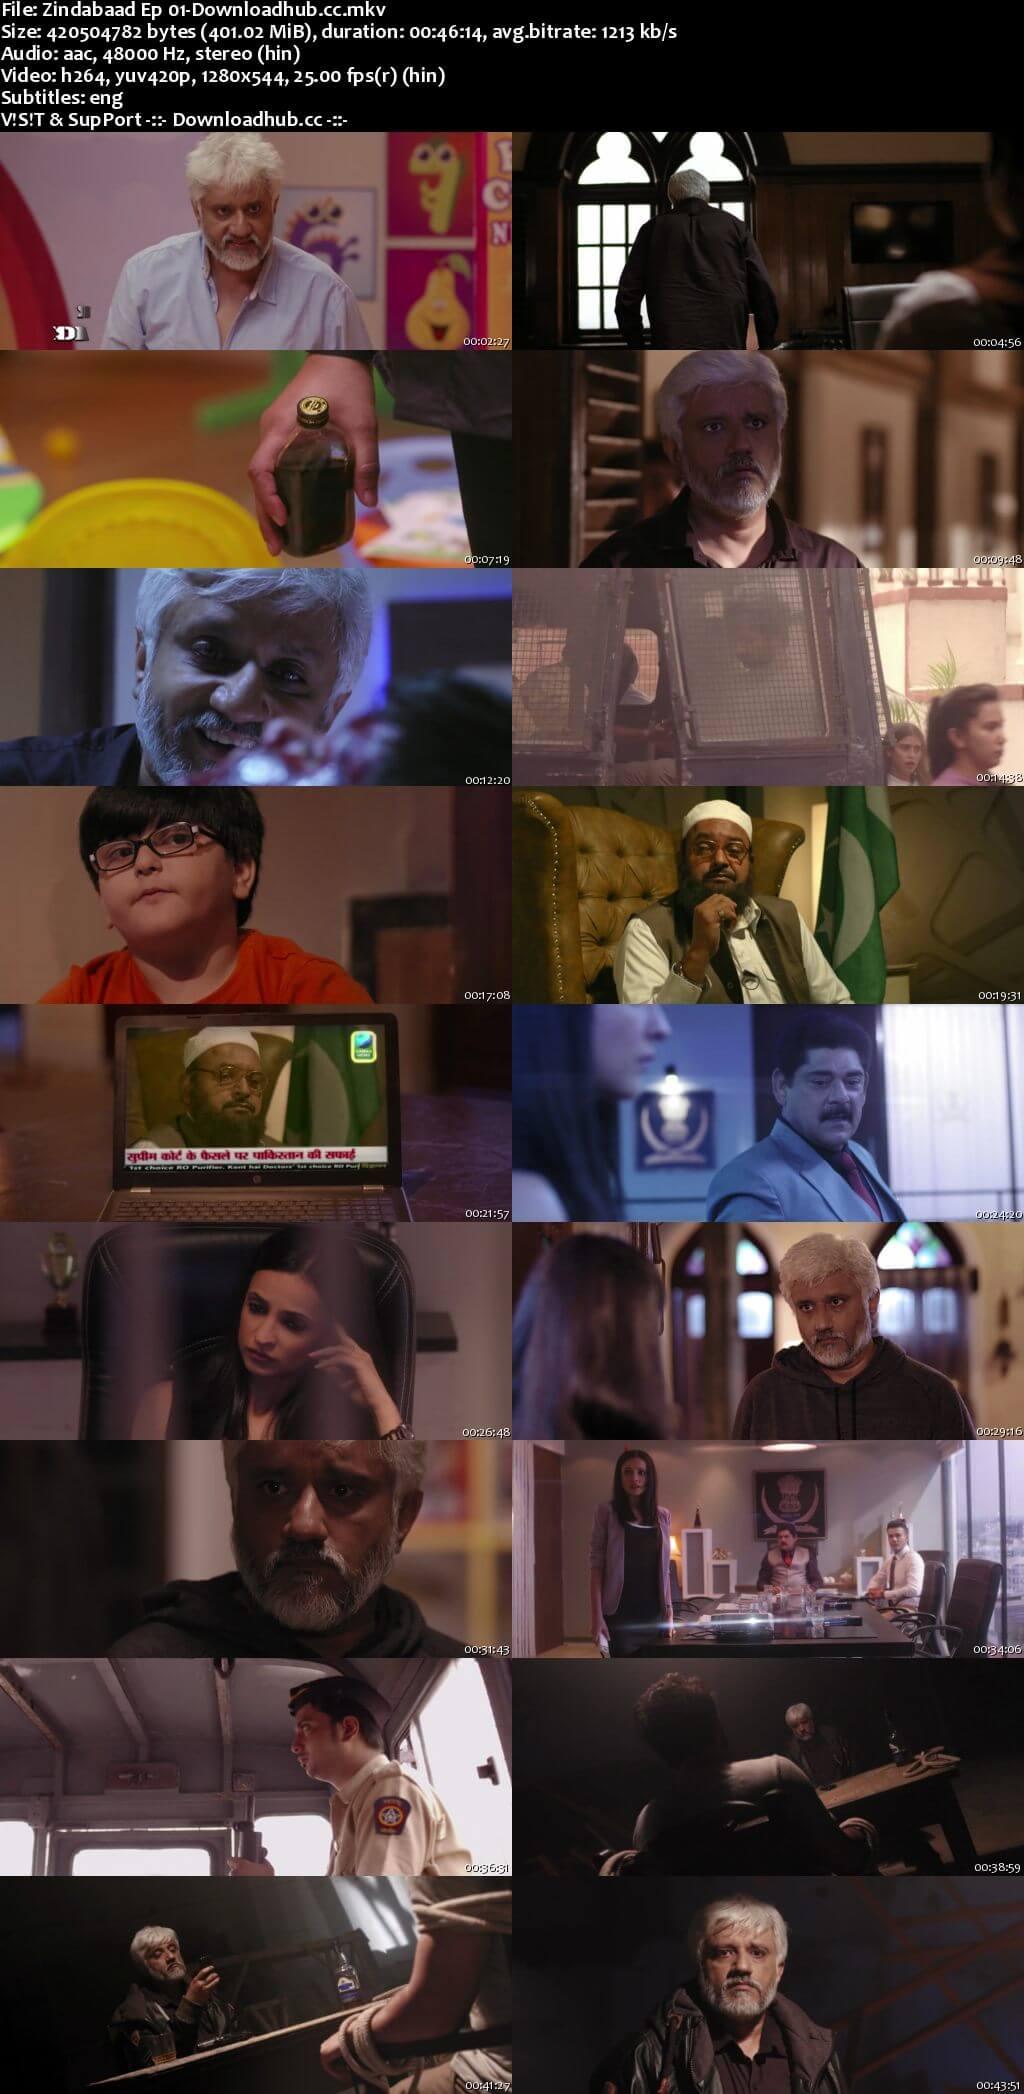 Zindabaad 2018 Hindi Season 01 Complete 720p HDRip ESubs